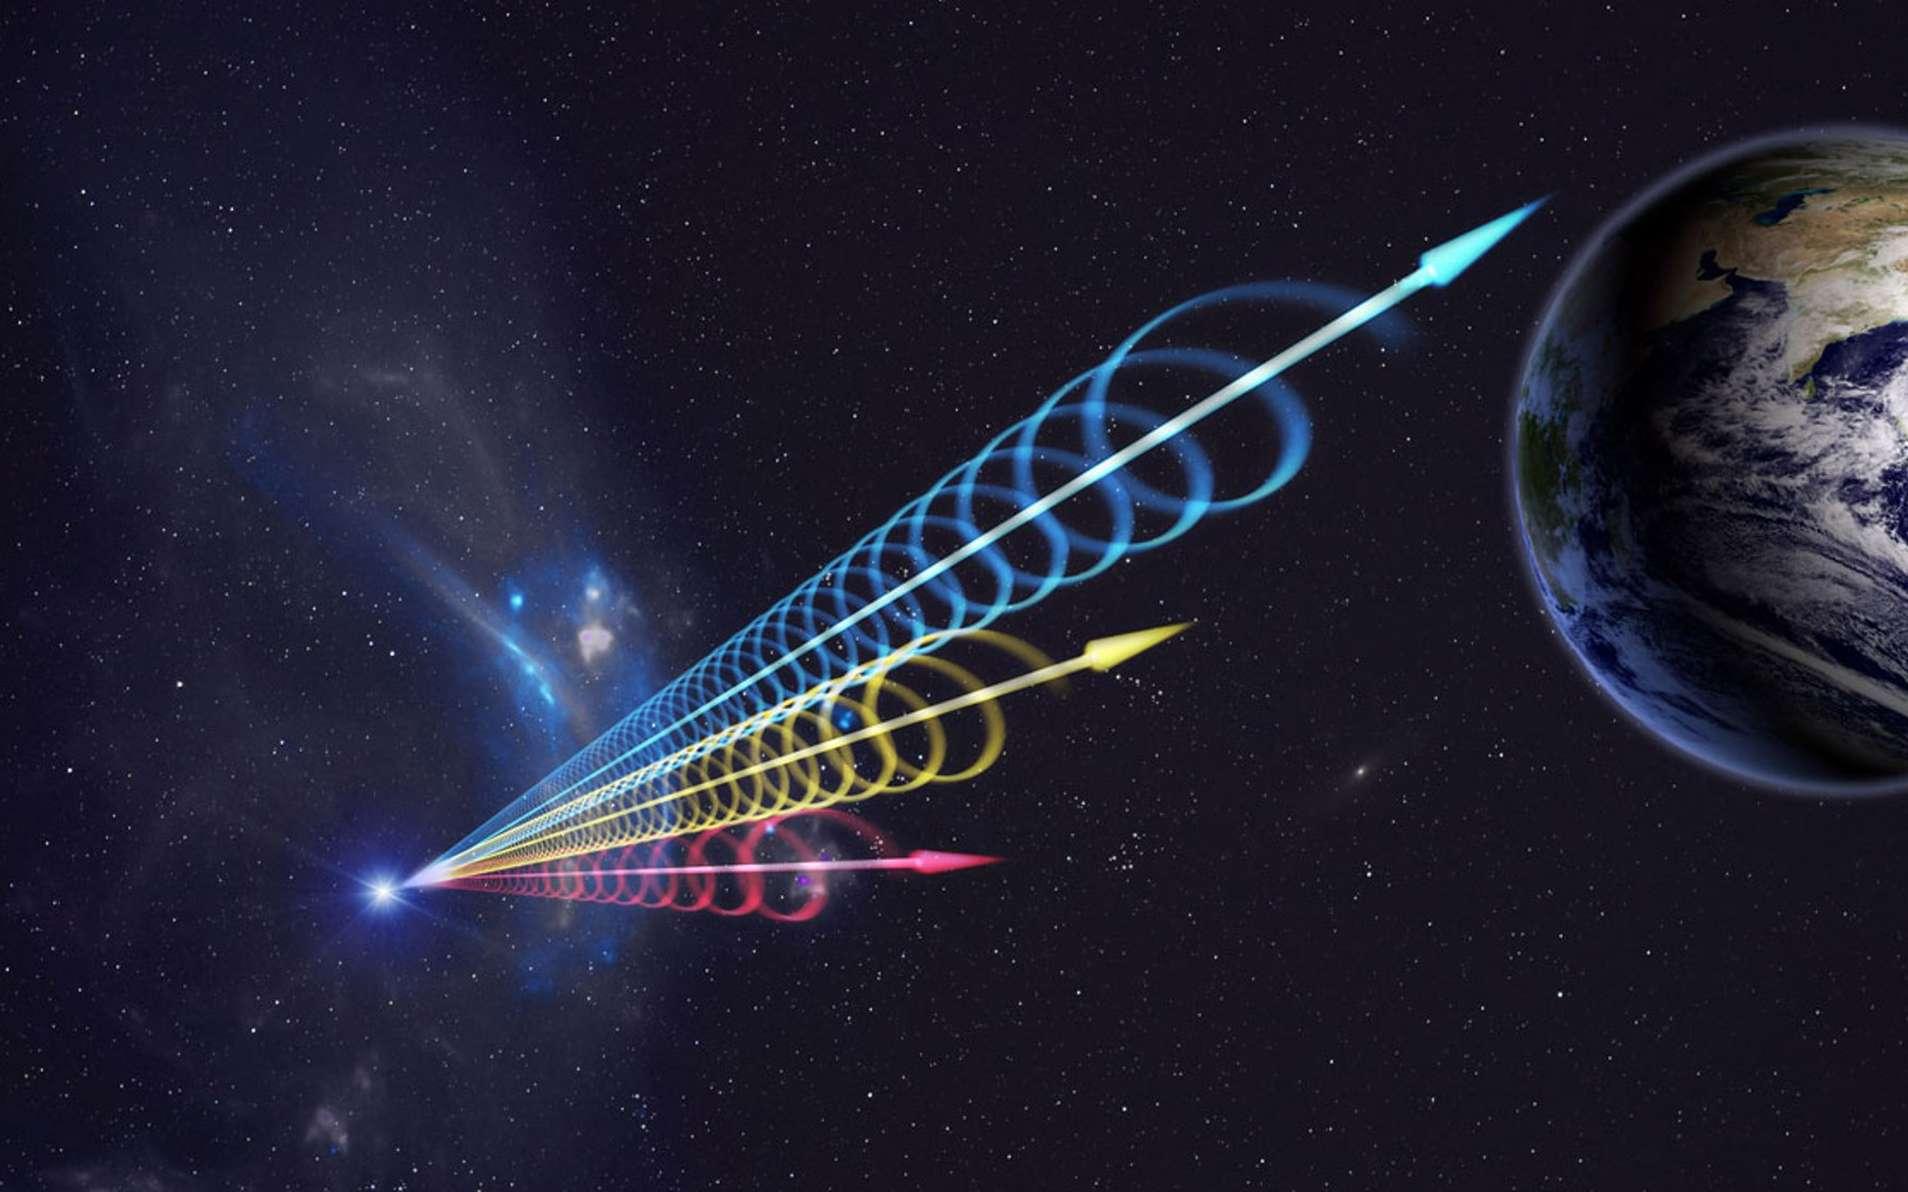 Une vue d'artiste des FRB, les sursauts radio rapides. © Jingchuan Yu Beijing Planetarium, NRAO